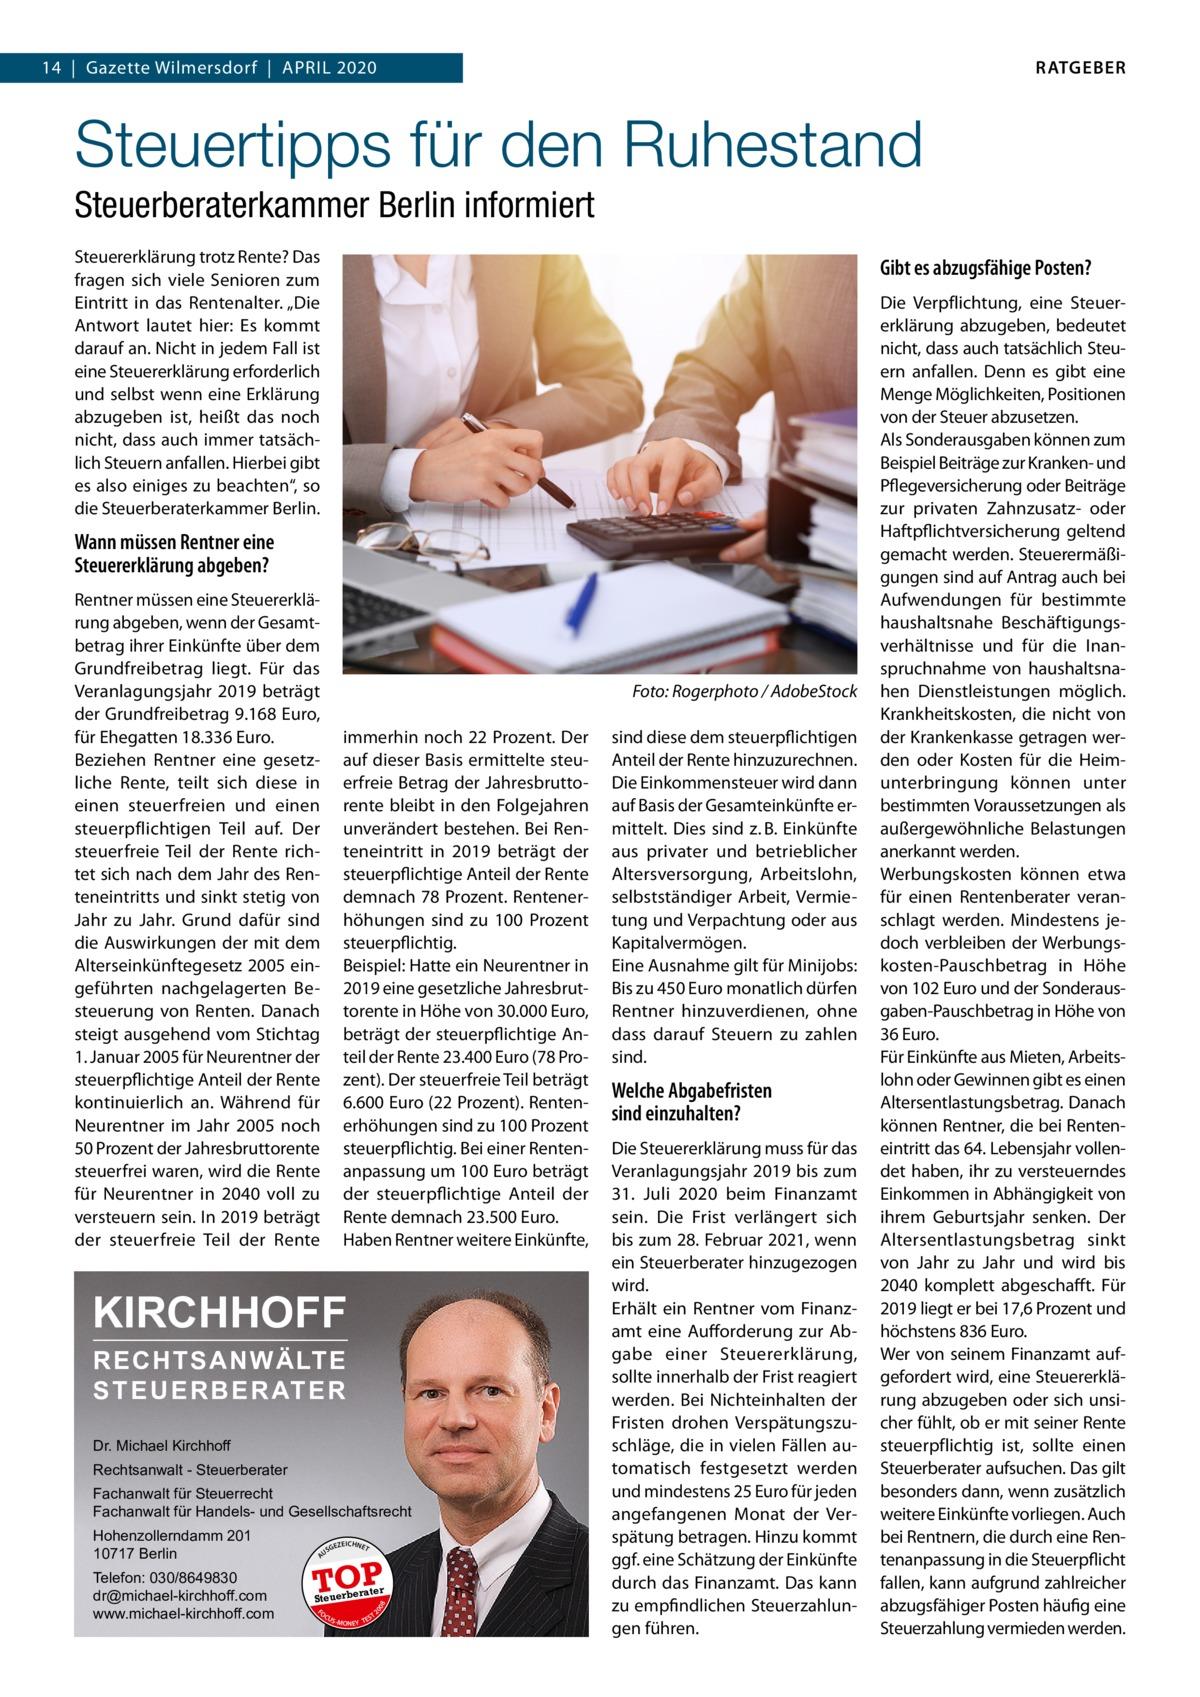 """RATGEBER  14 Gazette Wilmersdorf April 2020  Steuertipps für den Ruhestand Steuerberaterkammer Berlin informiert Steuererklärung trotz Rente? Das fragen sich viele Senioren zum Eintritt in das Rentenalter. """"Die Antwort lautet hier: Es kommt darauf an. Nicht in jedem Fall ist eine Steuererklärung erforderlich und selbst wenn eine Erklärung abzugeben ist, heißt das noch nicht, dass auch immer tatsächlich Steuern anfallen. Hierbei gibt es also einiges zu beachten"""", so die Steuerberaterkammer Berlin.  Gibt es abzugsfähige Posten?  Wann müssen Rentner eine Steuererklärung abgeben? Rentner müssen eine Steuererklärung abgeben, wenn der Gesamtbetrag ihrer Einkünfte über dem Grundfreibetrag liegt. Für das Veranlagungsjahr 2019 beträgt der Grundfreibetrag 9.168Euro, für Ehegatten 18.336Euro. Beziehen Rentner eine gesetzliche Rente, teilt sich diese in einen steuerfreien und einen steuerpflichtigen Teil auf. Der steuerfreie Teil der Rente richtet sich nach dem Jahr des Renteneintritts und sinkt stetig von Jahr zu Jahr. Grund dafür sind die Auswirkungen der mit dem Alterseinkünftegesetz 2005 eingeführten nachgelagerten Besteuerung von Renten. Danach steigt ausgehend vom Stichtag 1.Januar 2005 für Neurentner der steuerpflichtige Anteil der Rente kontinuierlich an. Während für Neurentner im Jahr 2005 noch 50Prozent der Jahresbruttorente steuerfrei waren, wird die Rente für Neurentner in 2040 voll zu versteuern sein. In 2019 beträgt der steuerfreie Teil der Rente  �  Foto: Rogerphoto / AdobeStock  immerhin noch 22Prozent. Der auf dieser Basis ermittelte steuerfreie Betrag der Jahresbruttorente bleibt in den Folgejahren unverändert bestehen. Bei Renteneintritt in 2019 beträgt der steuerpflichtige Anteil der Rente demnach 78Prozent. Rentenerhöhungen sind zu 100 Prozent steuerpflichtig. Beispiel: Hatte ein Neurentner in 2019 eine gesetzliche Jahresbruttorente in Höhe von 30.000Euro, beträgt der steuerpflichtige Anteil der Rente 23.400Euro (78Prozent). Der steuerfreie Teil beträgt 6.6"""